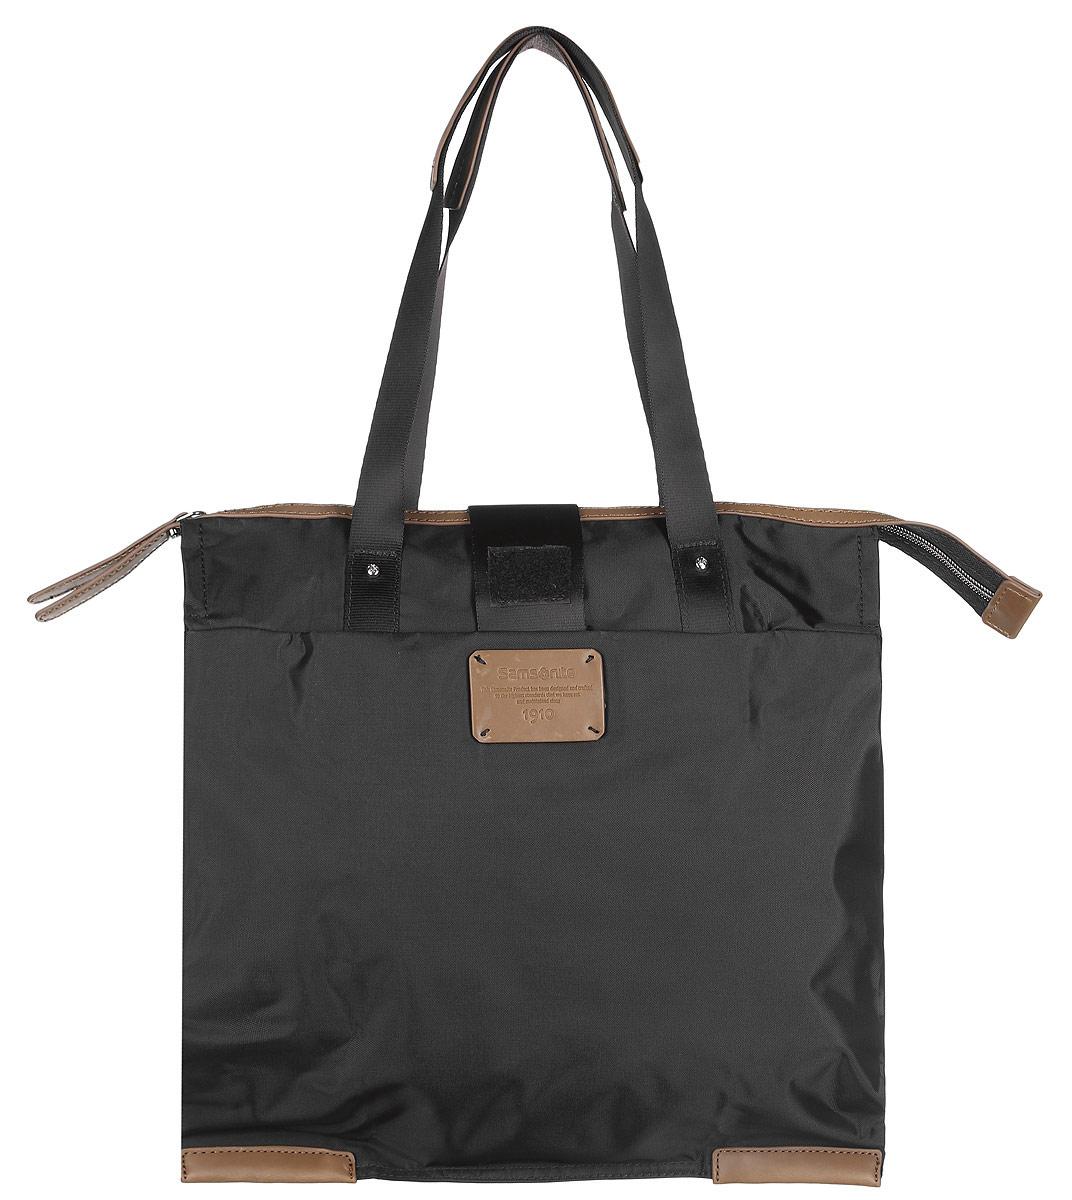 Сумка складная Samsonite, цвет: черный. 52V-0900252V-09002Складная женская сумка Samsonite выполнена из полиамида с добавлением полиуретана и оформлена контрастными вставками и нашивкой логотипа бренда. Изделие содержит одно вместительное отделение, закрывающееся на застежку-молнию. На внешней стороне сумки есть прорезной открытый карман. Сумка оснащена двумя удобными ручками, высота которых позволяет носить сумку как в руке, так и на плече. Сумка не имеет жесткой структуры, за счет чего быстро складывается и фиксируется хлястиком с липучкой и не занимает много места. Такая сумка будет удобна в хранении и в использовании.